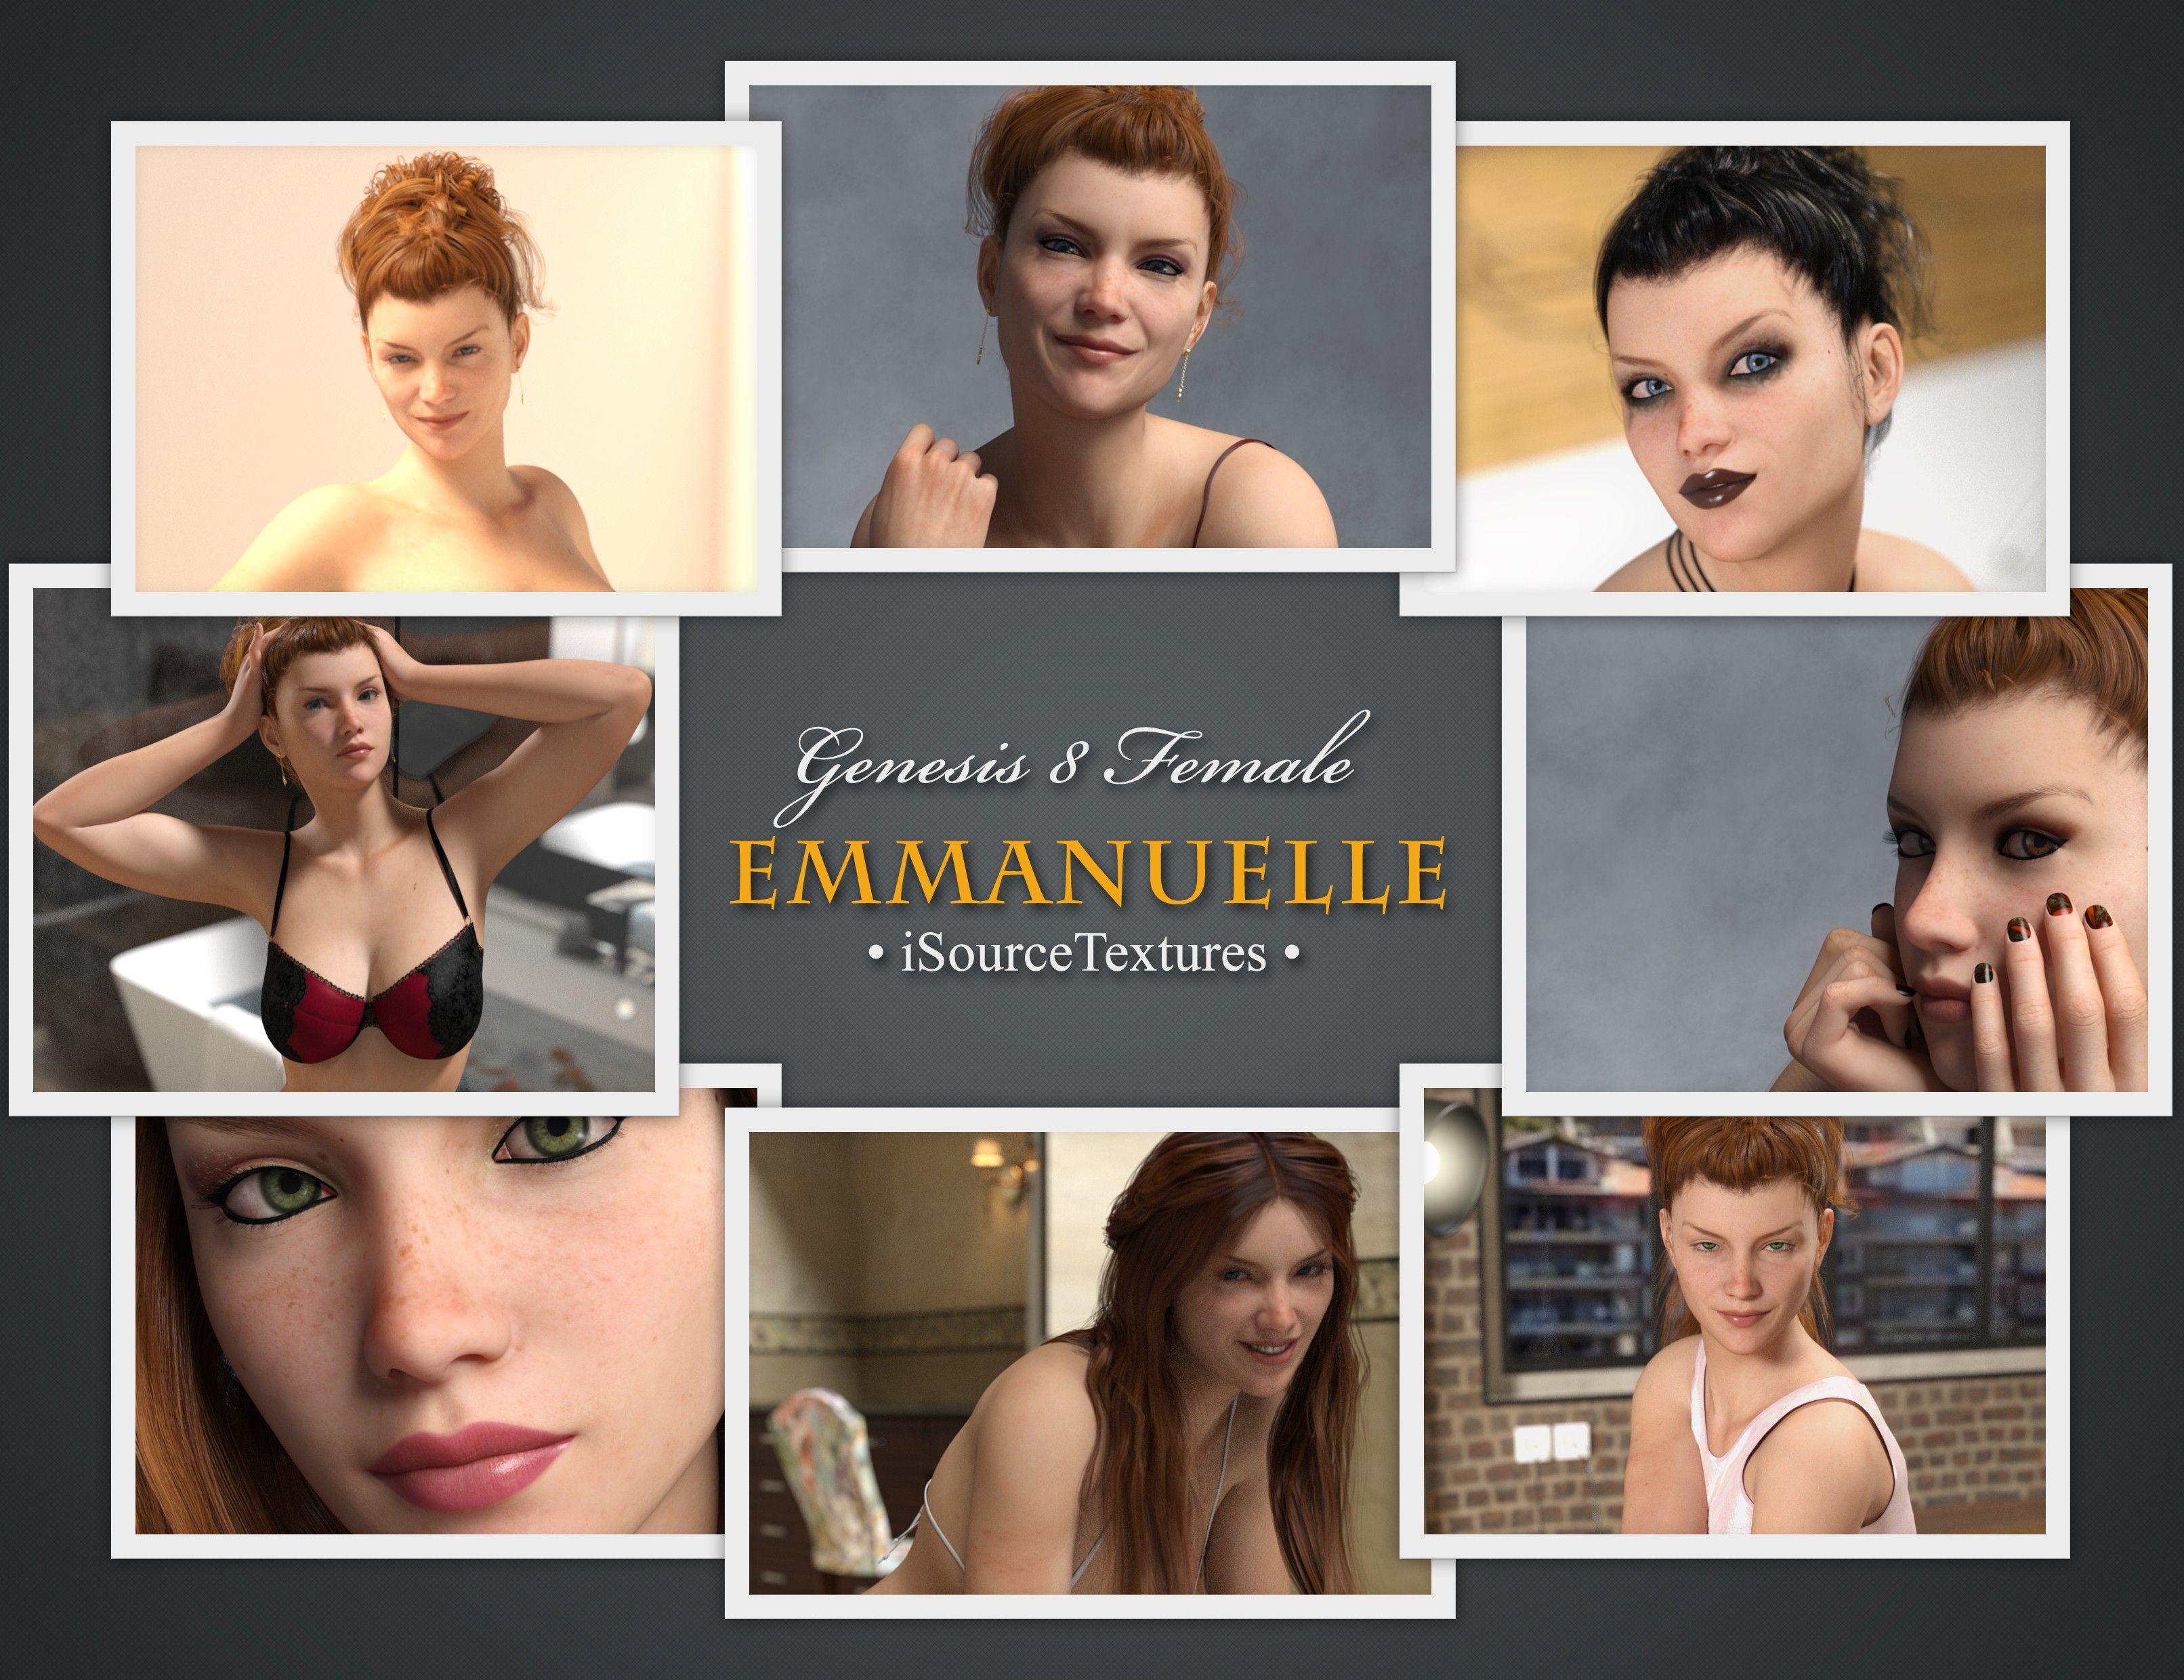 Emmanuelle for Genesis 8 Female | 3D Models and 3D Software